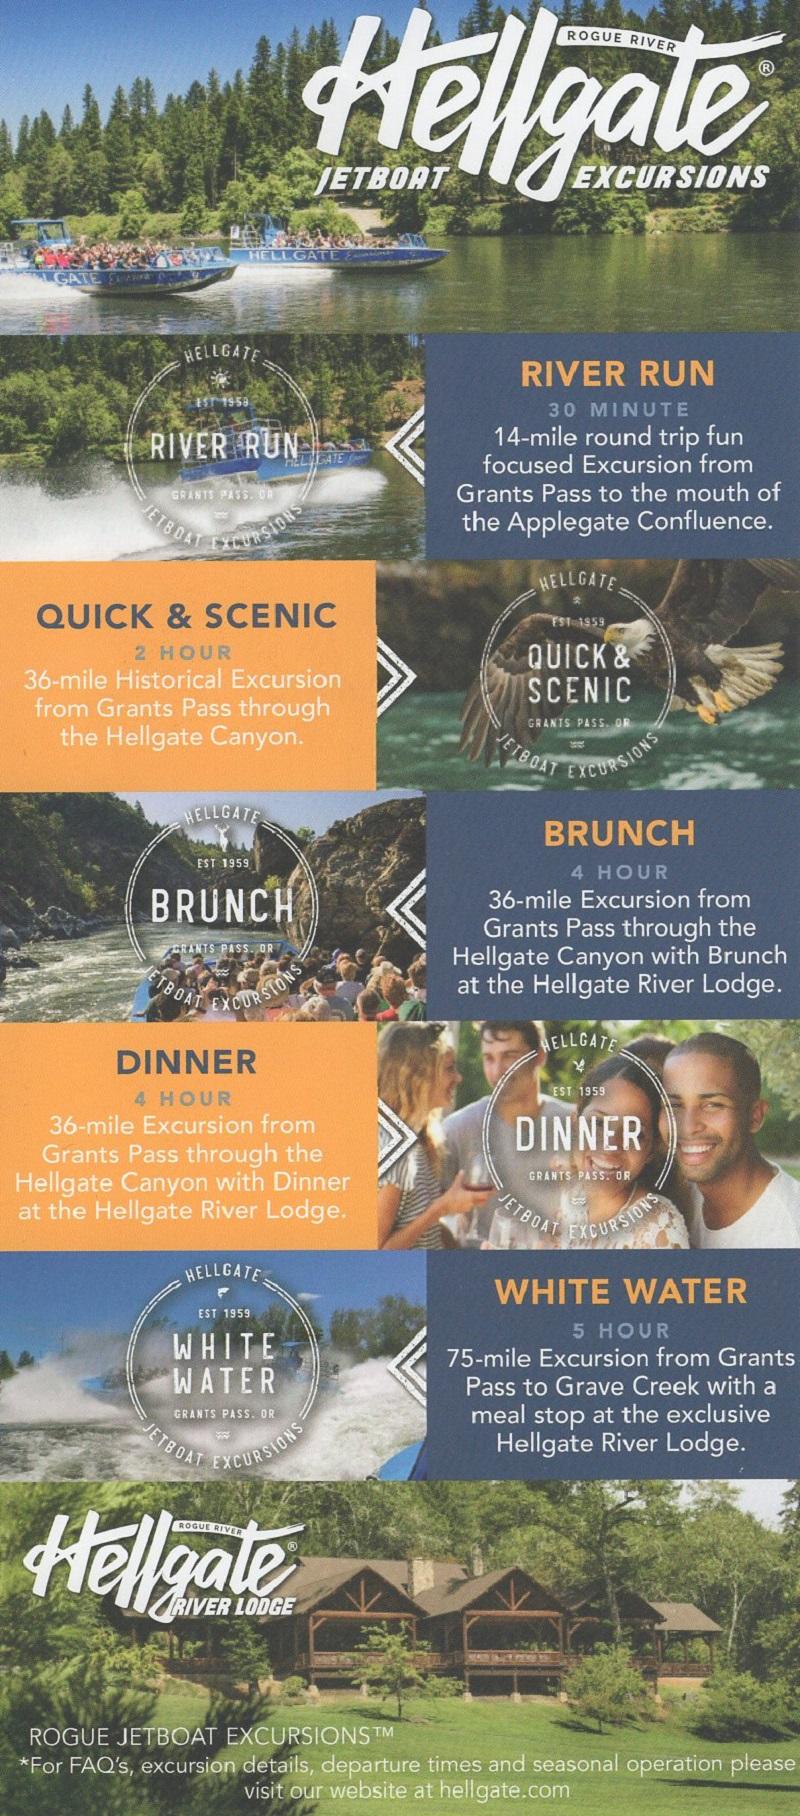 Hellgate brochure thumbnail